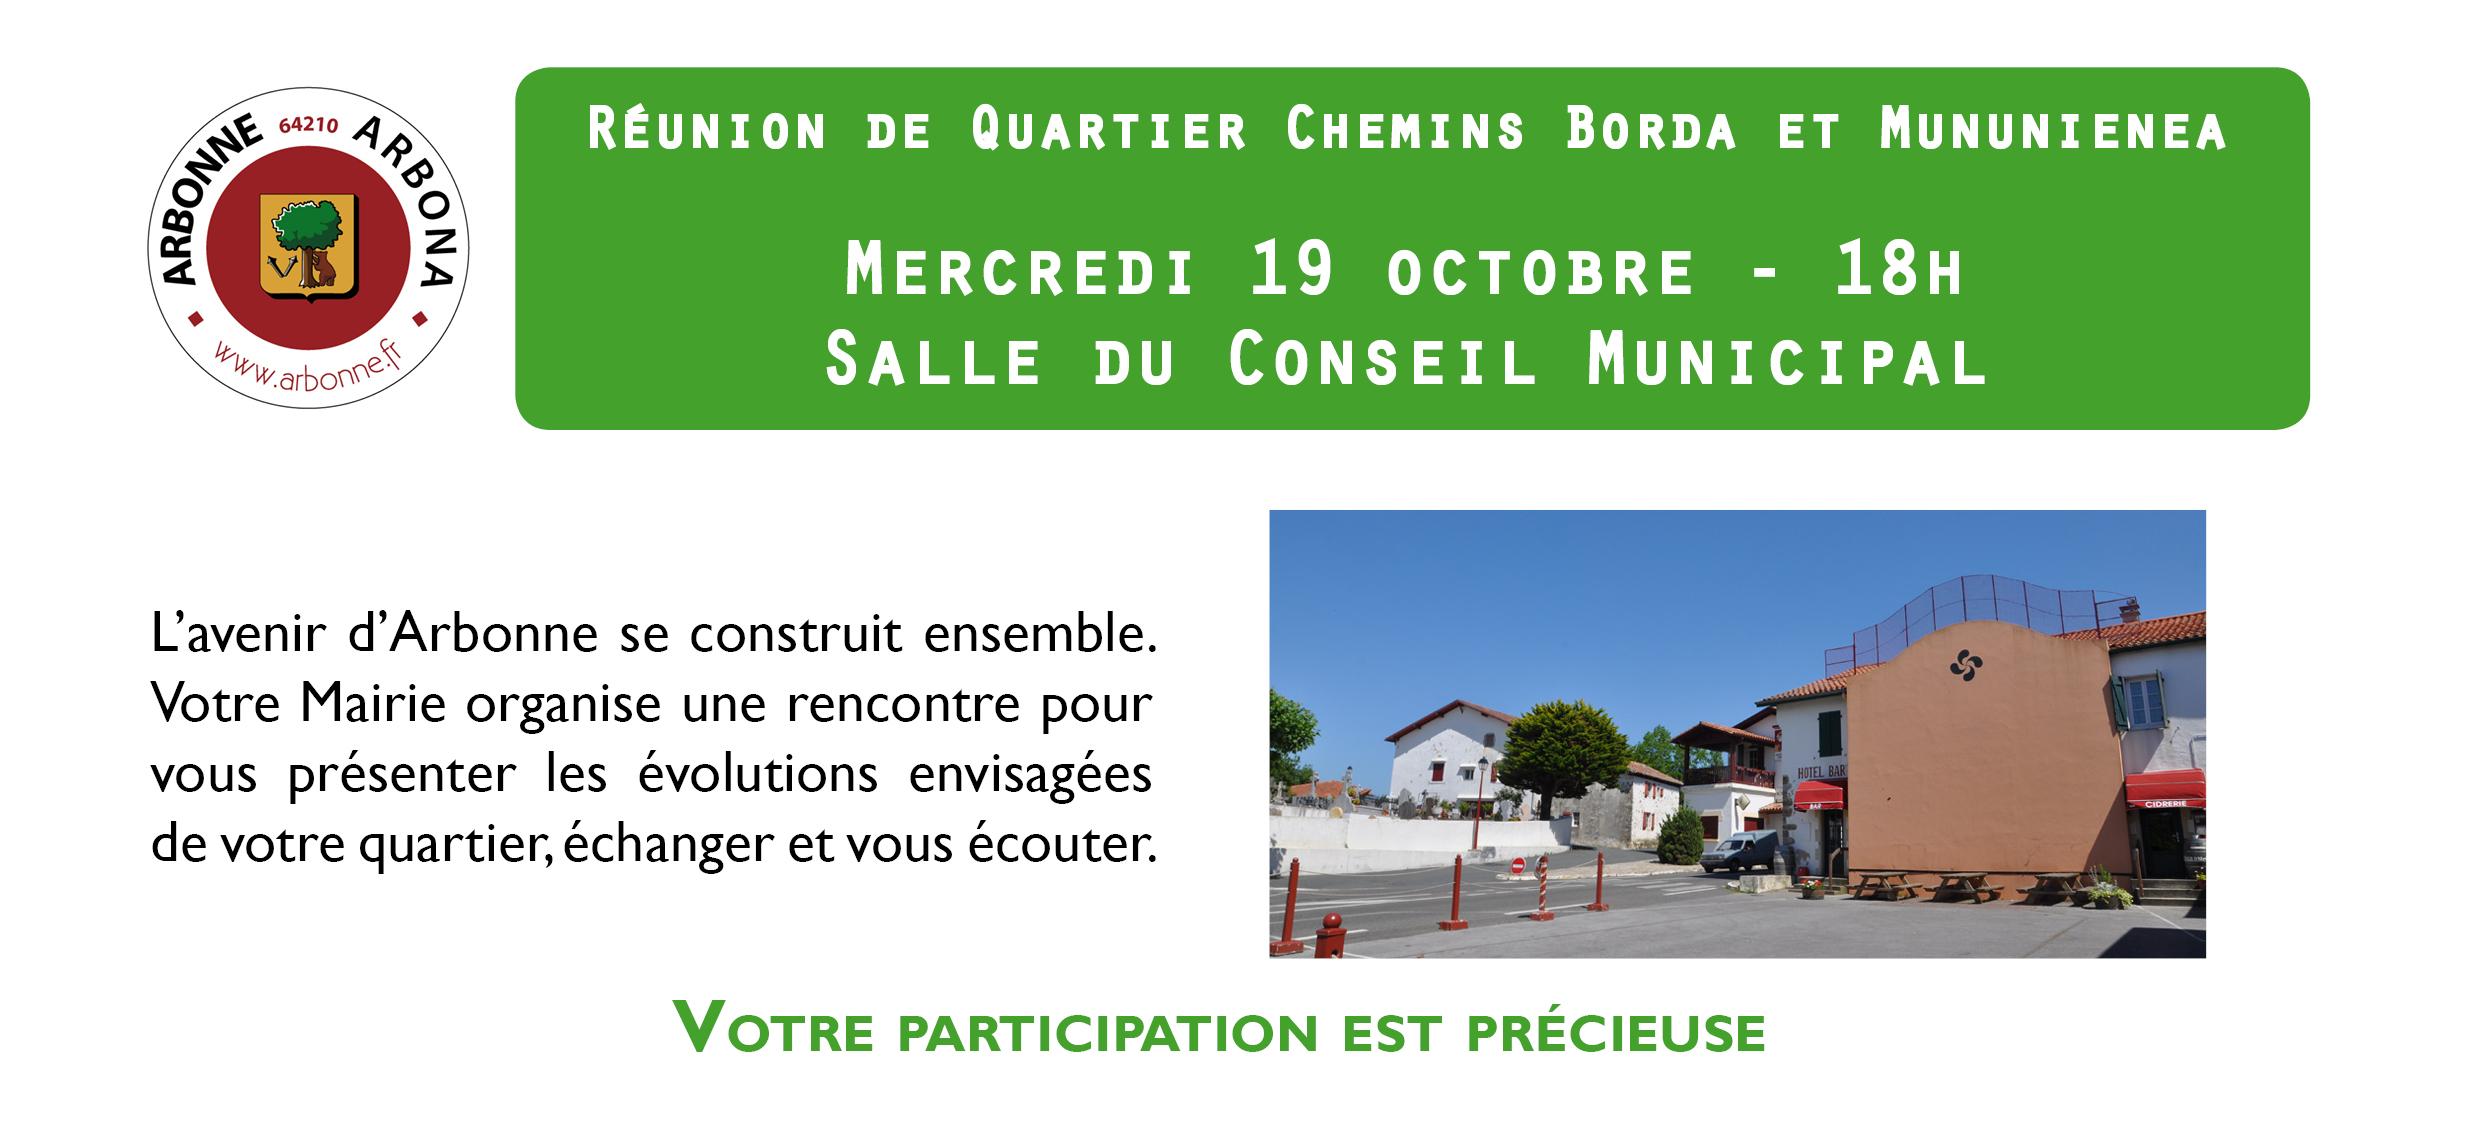 invitation-reunion-quartier-mununienea-borda-format-invit3